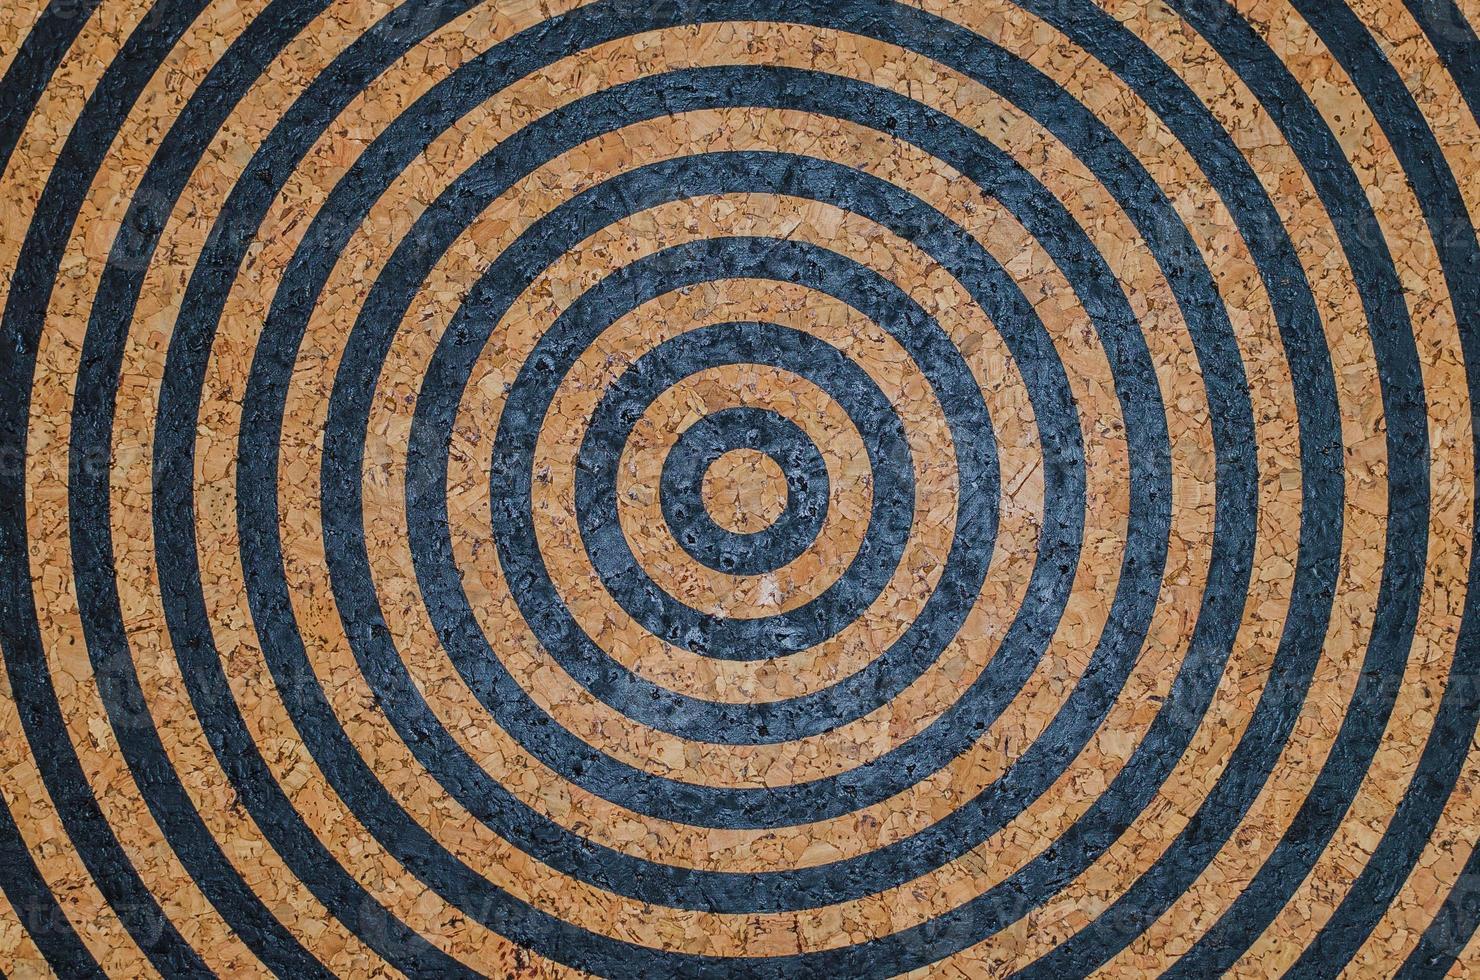 objetivo de pintura de tablero de corcho de círculo como fondo foto